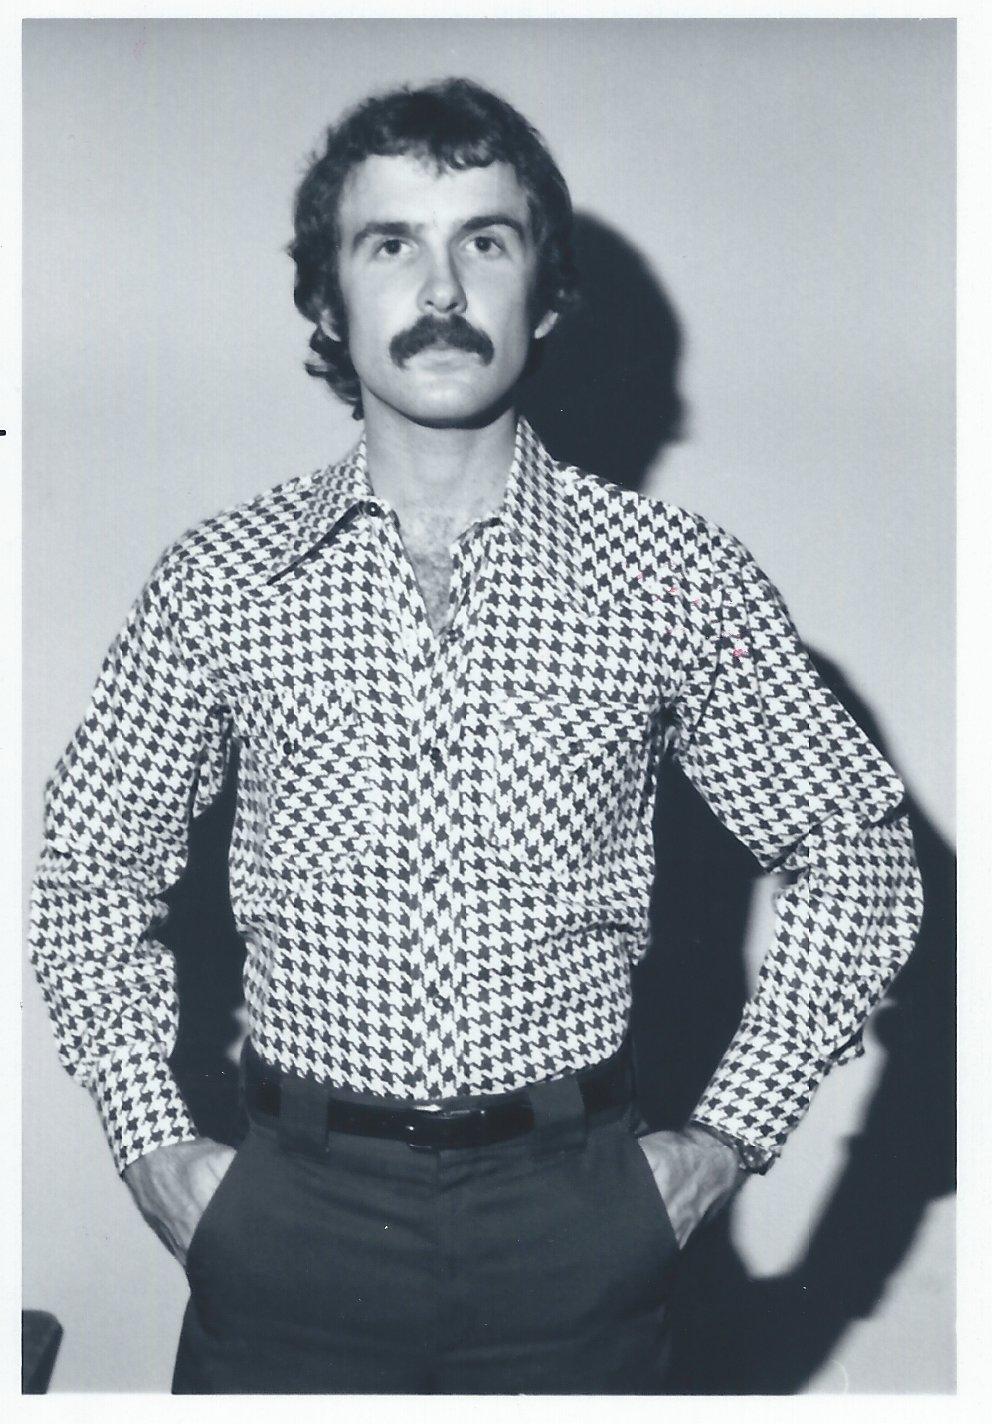 Bill Nelson in 1974